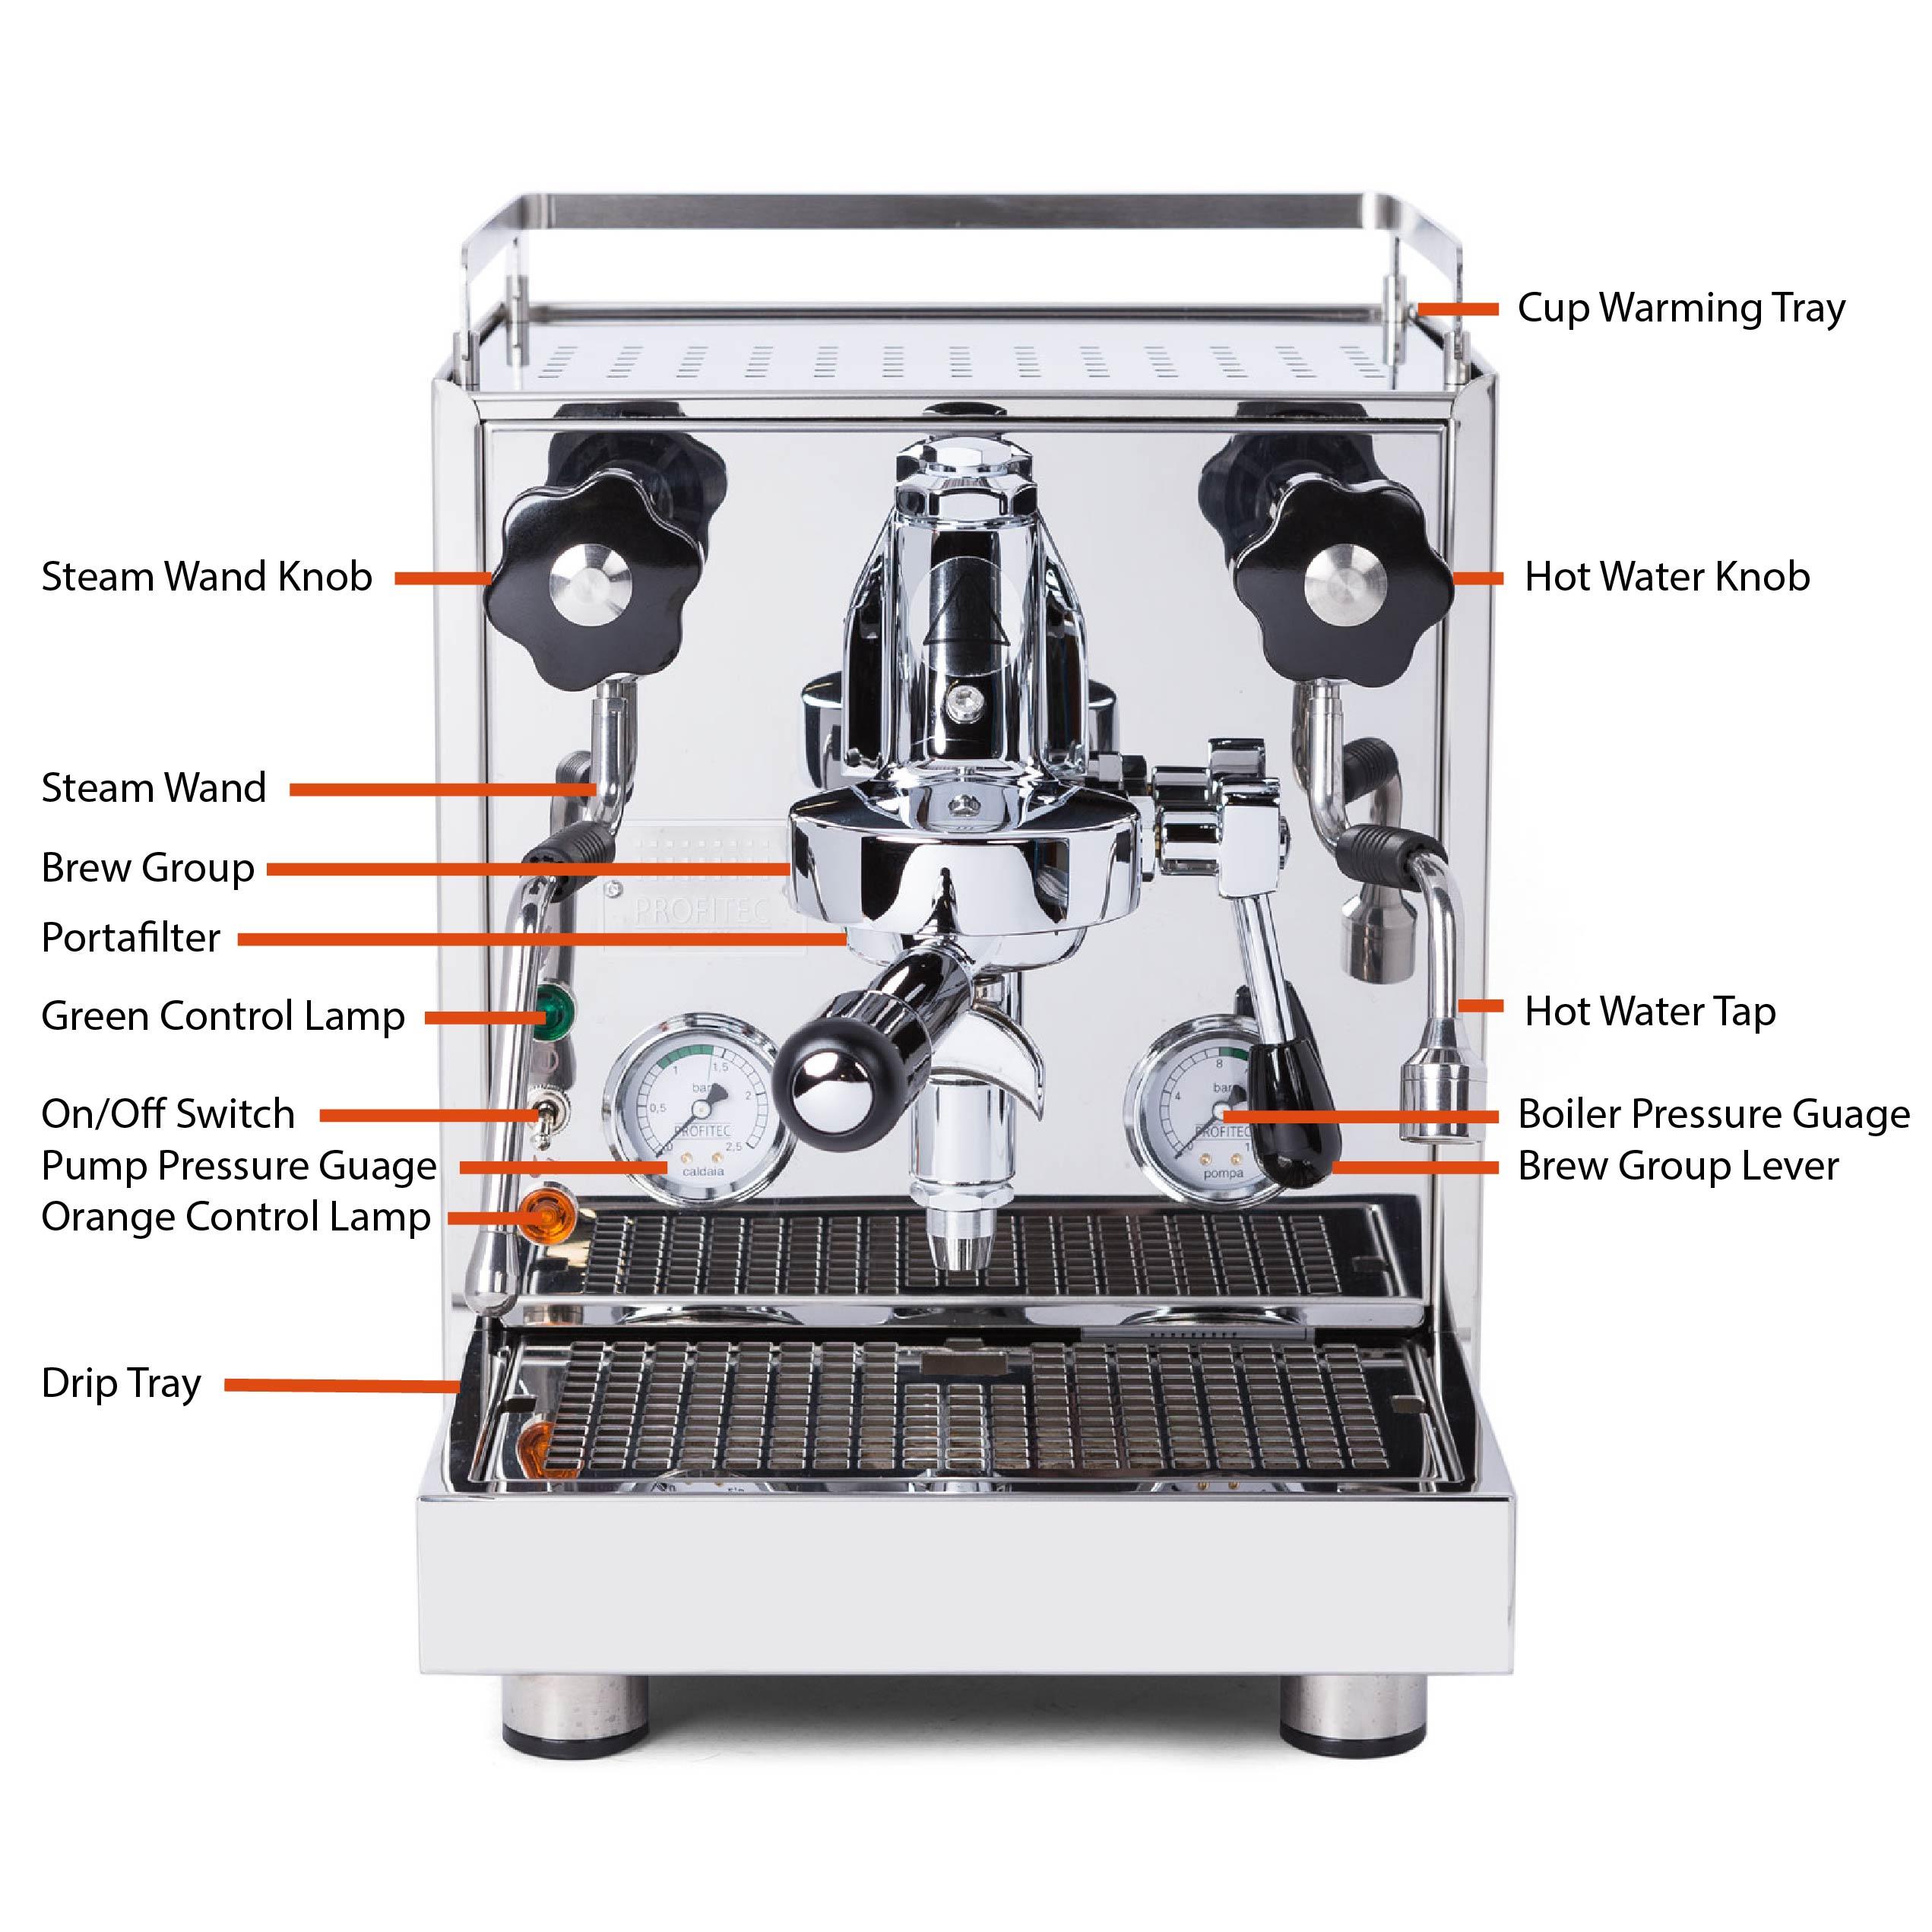 Profitec Pro 500 espresso machine diagram: User Manual